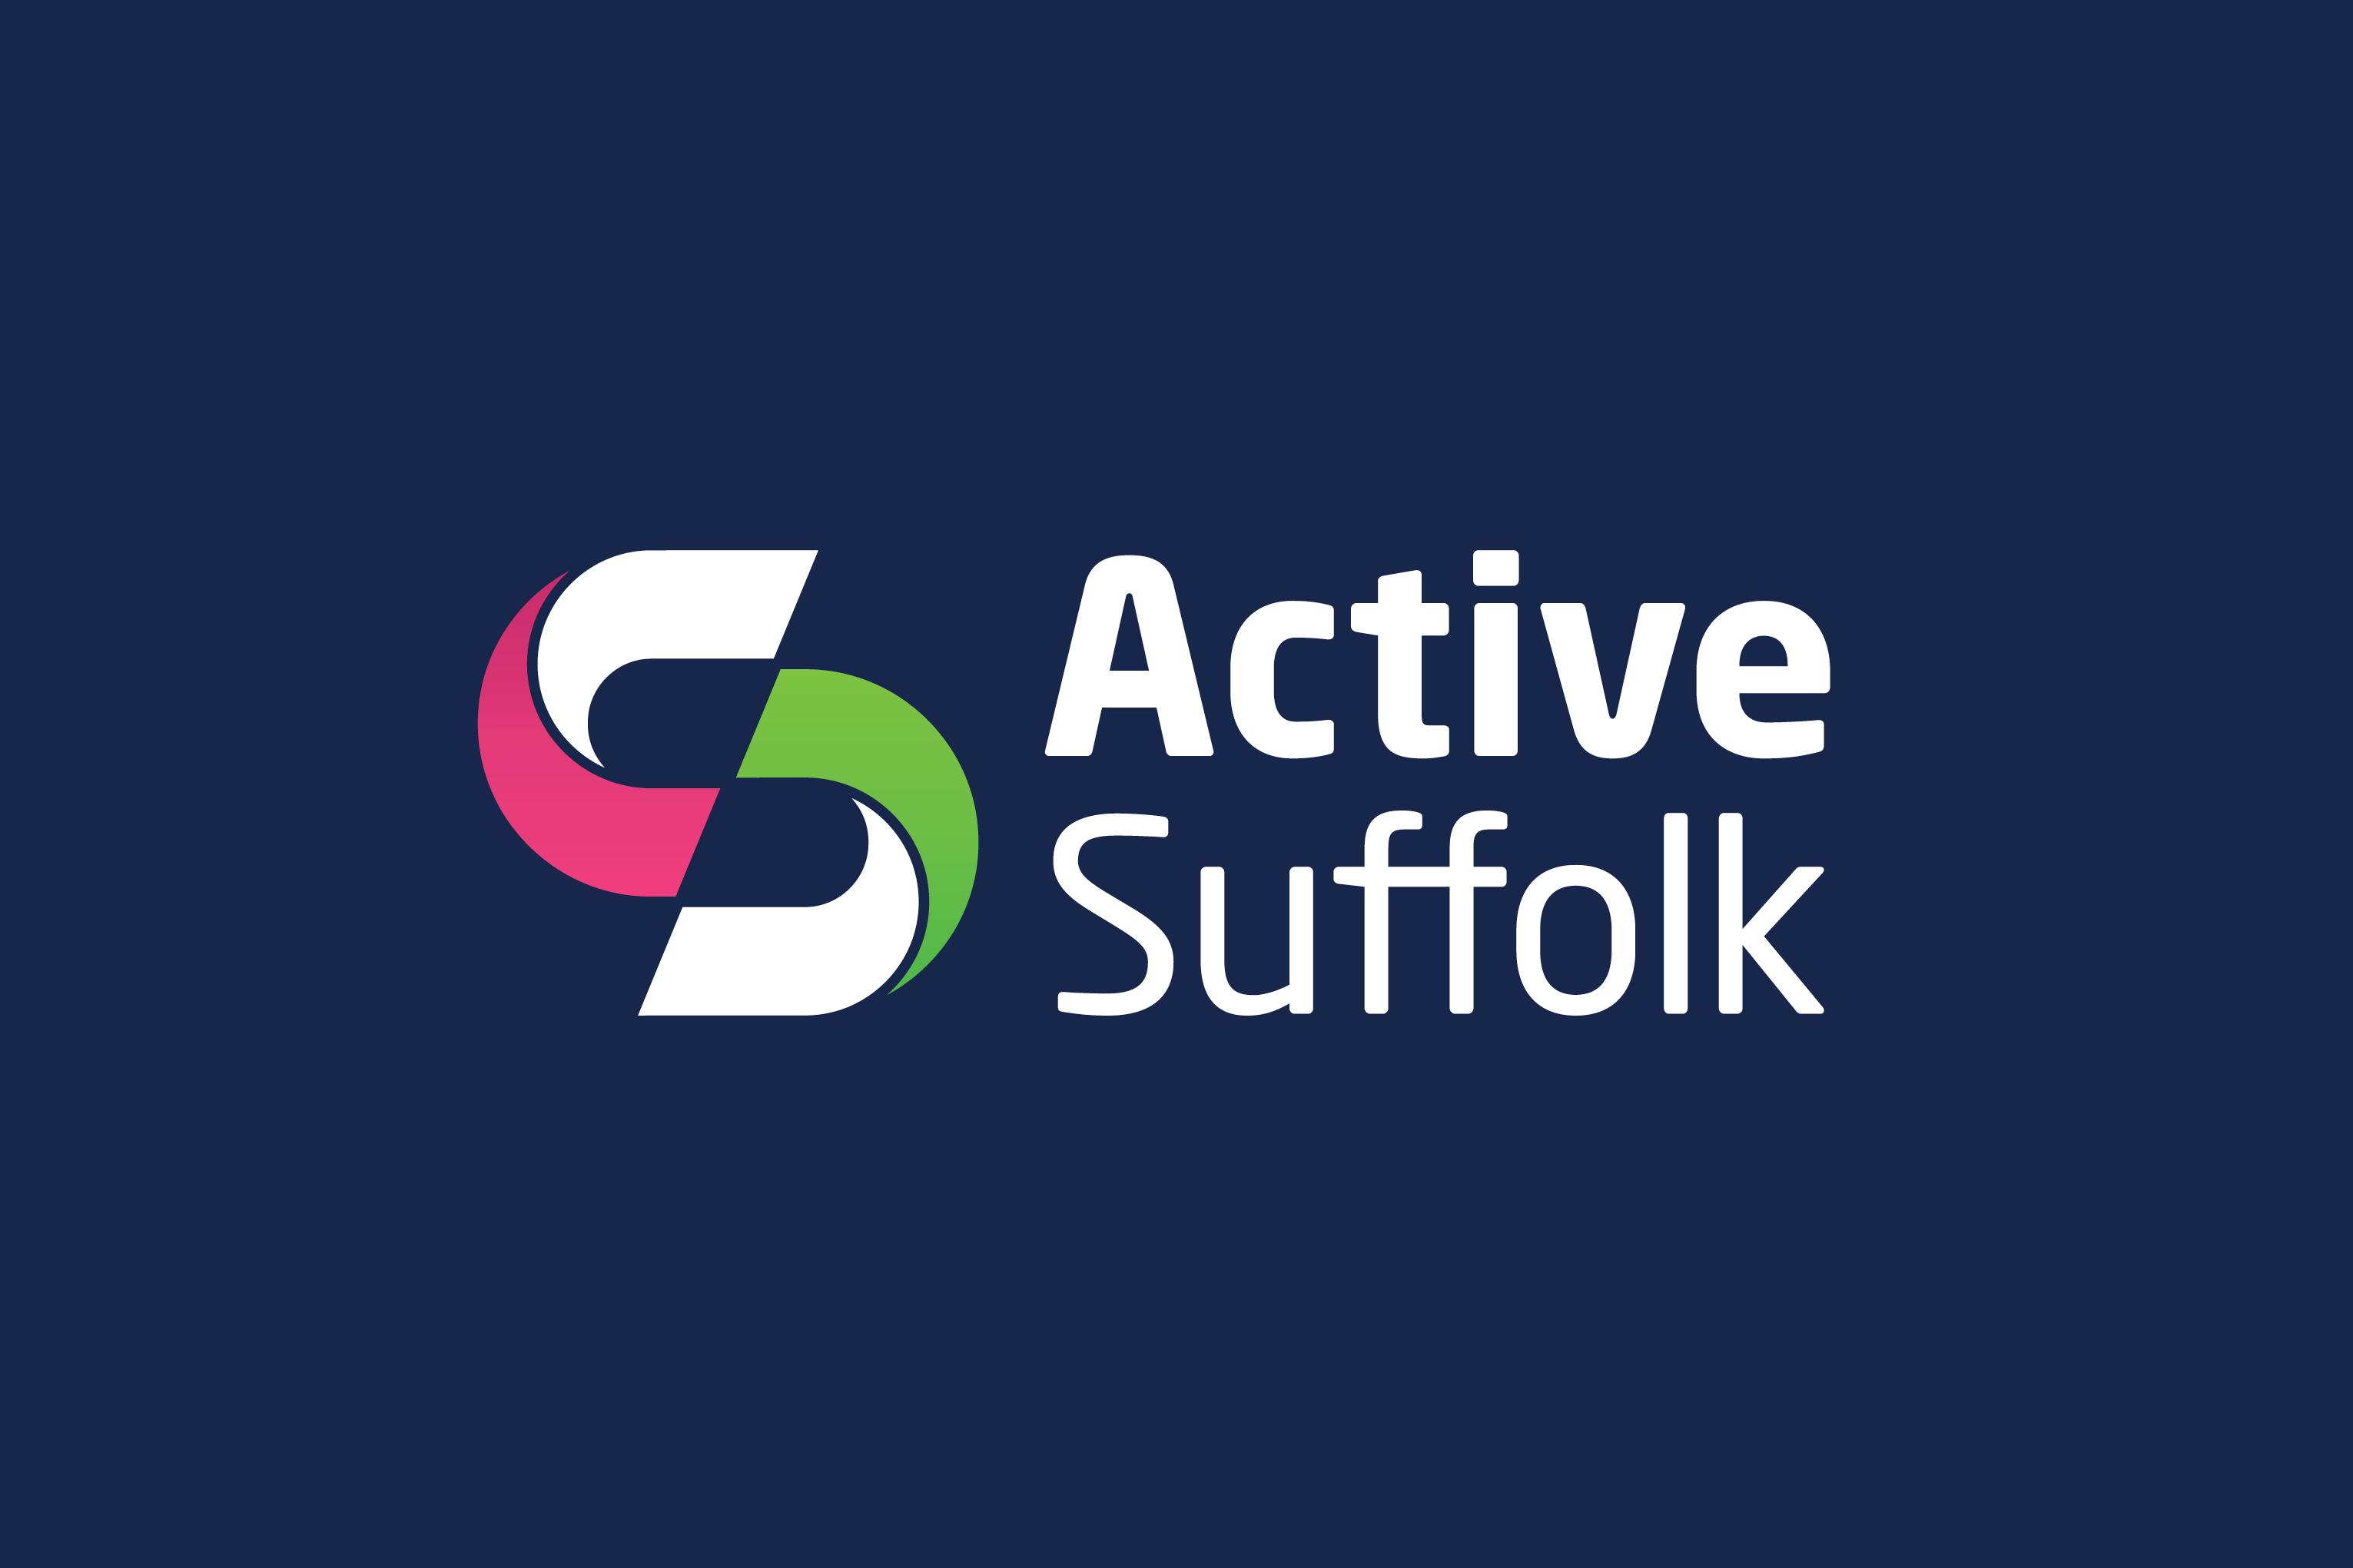 Active Suffolk logo